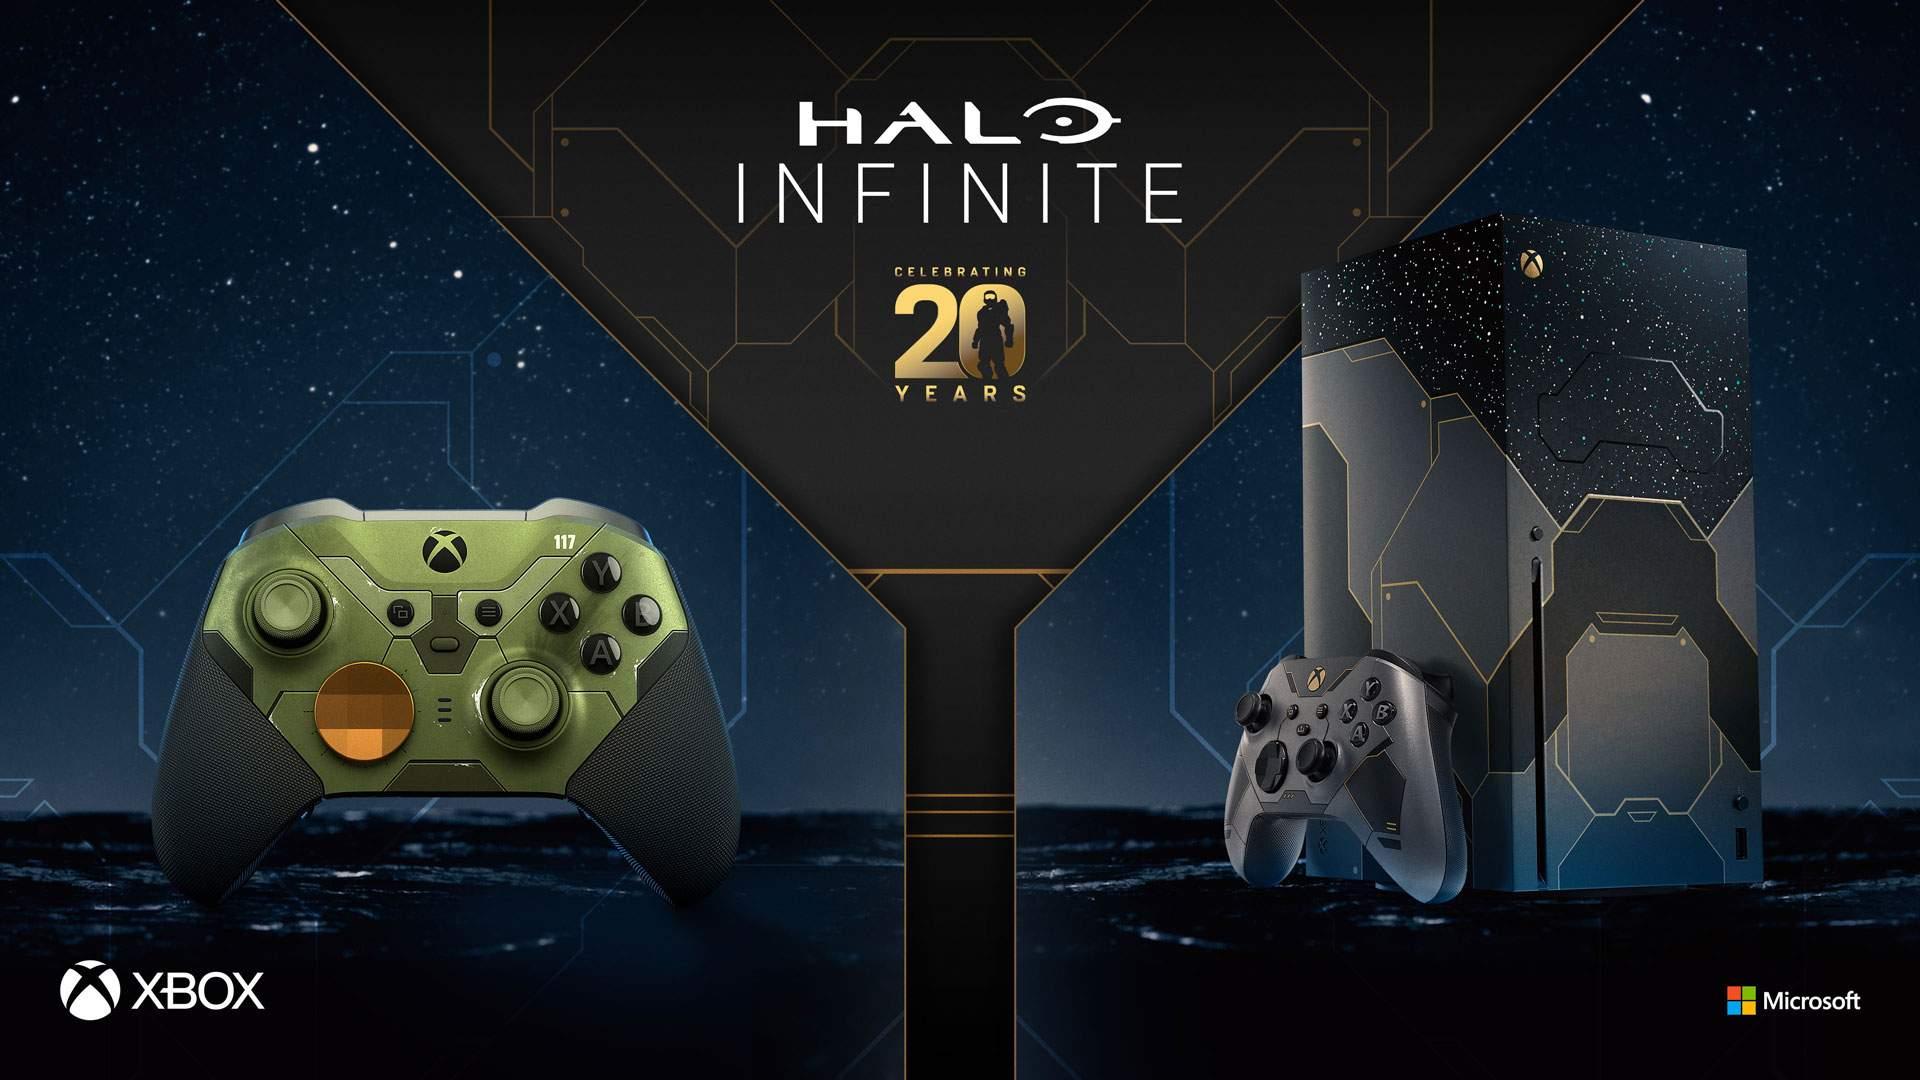 Festeja 20 años de Halo con un Xbox Series X – Halo Infinite edición  limitada y más! - Xbox Wire en Español